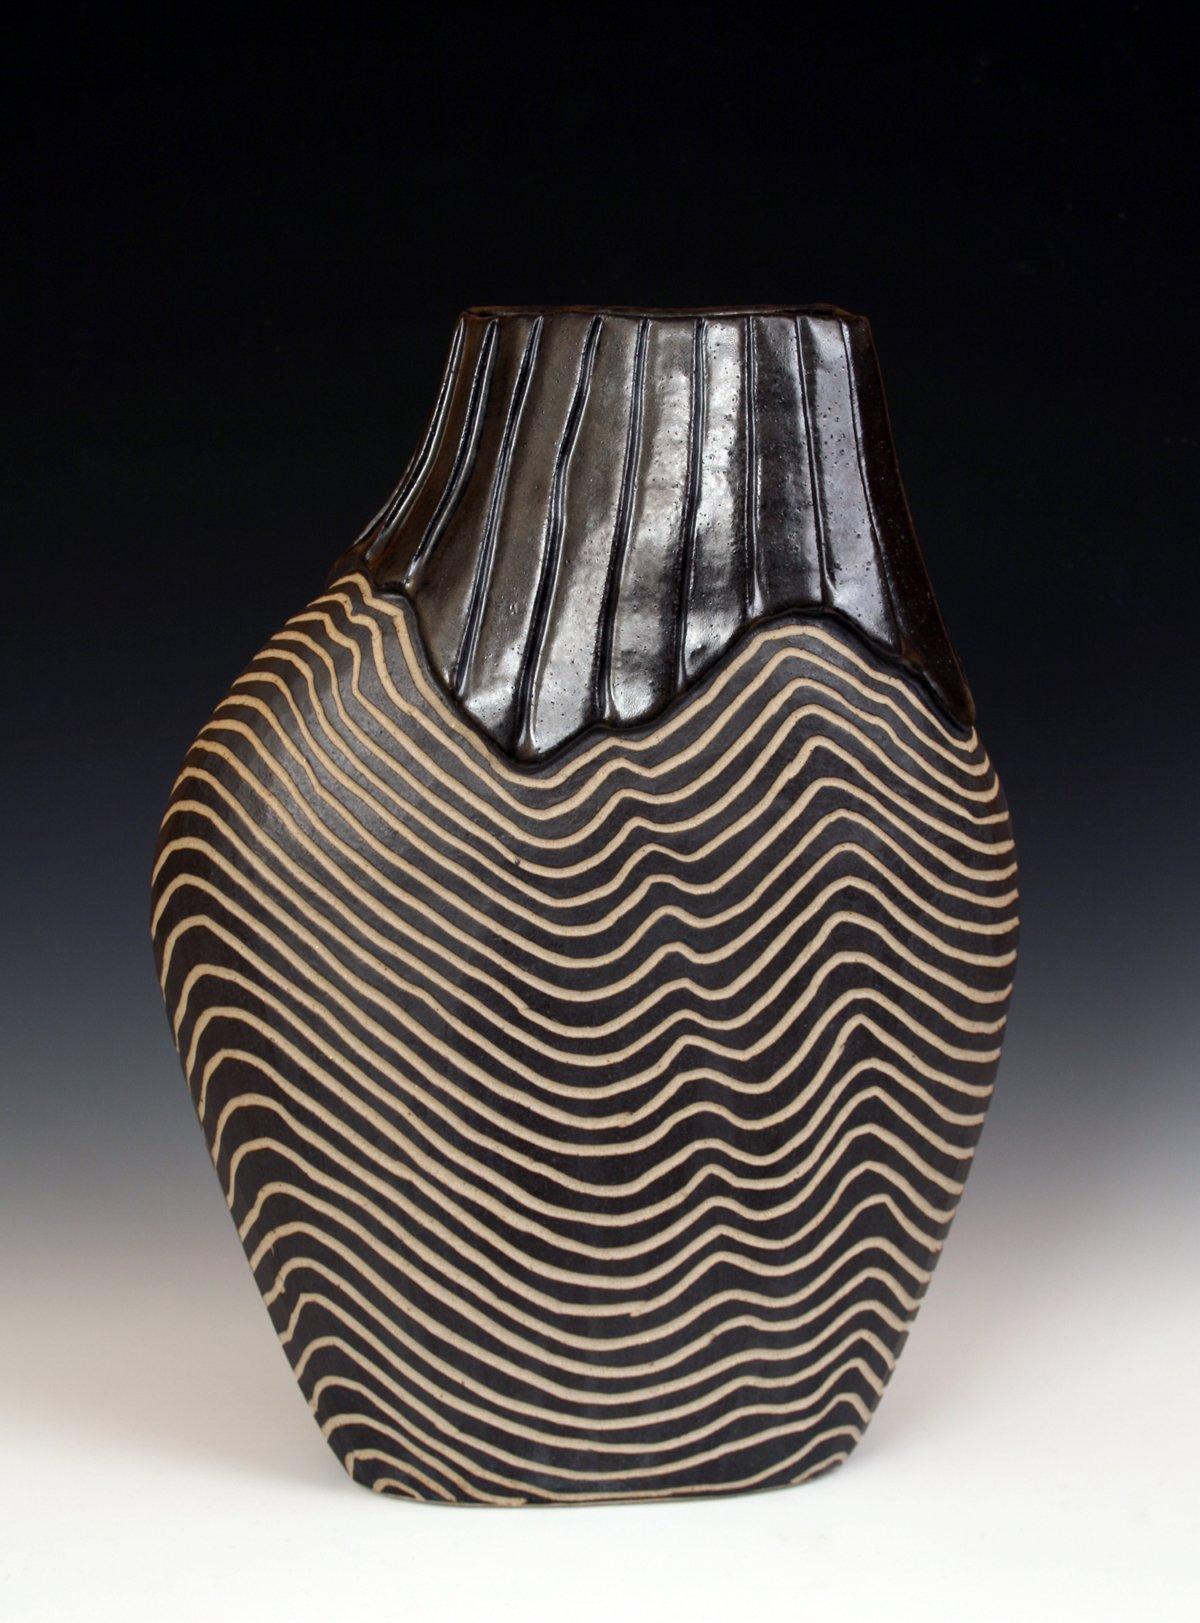 Overlap Shoulder Pot By Larry Halvorsen Ceramic Vessel